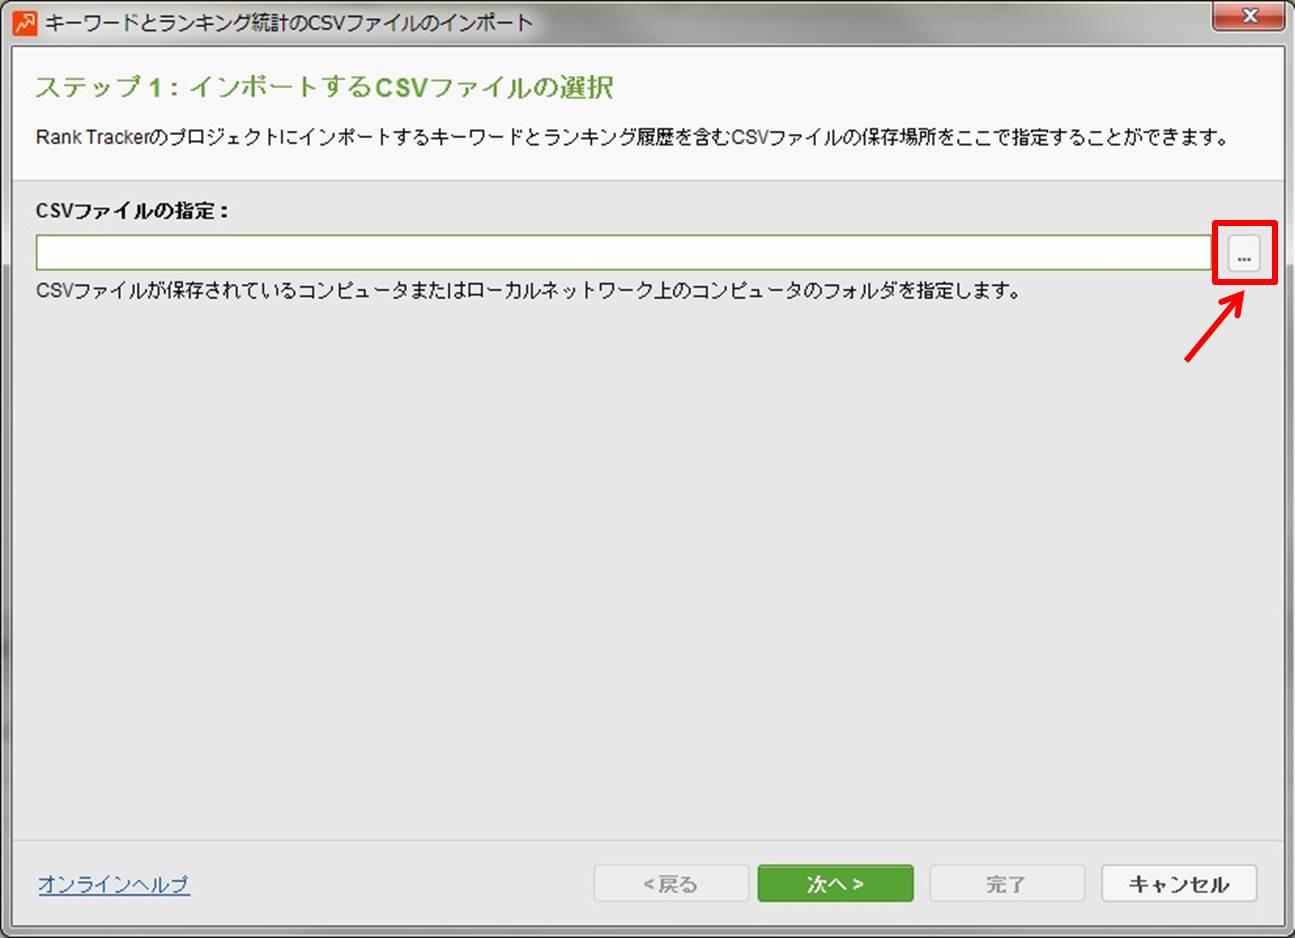 インポートするCSVファイルを選択